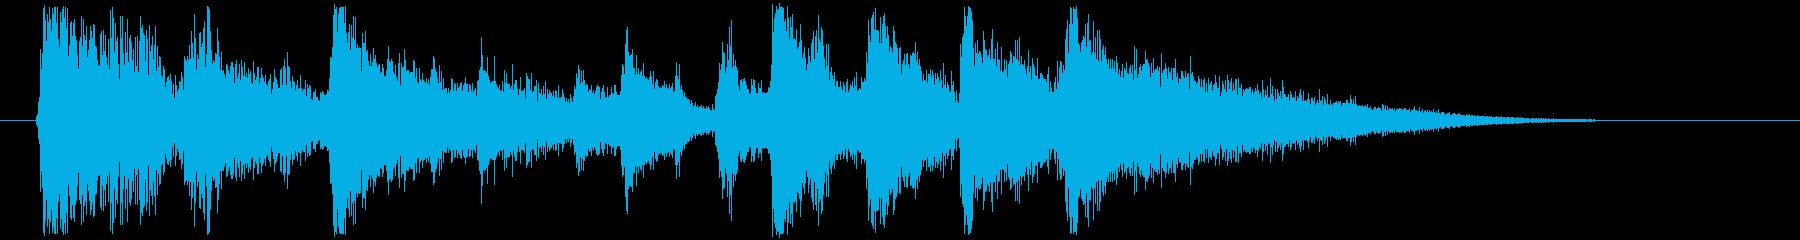 爽やかなアコギのジングルの再生済みの波形